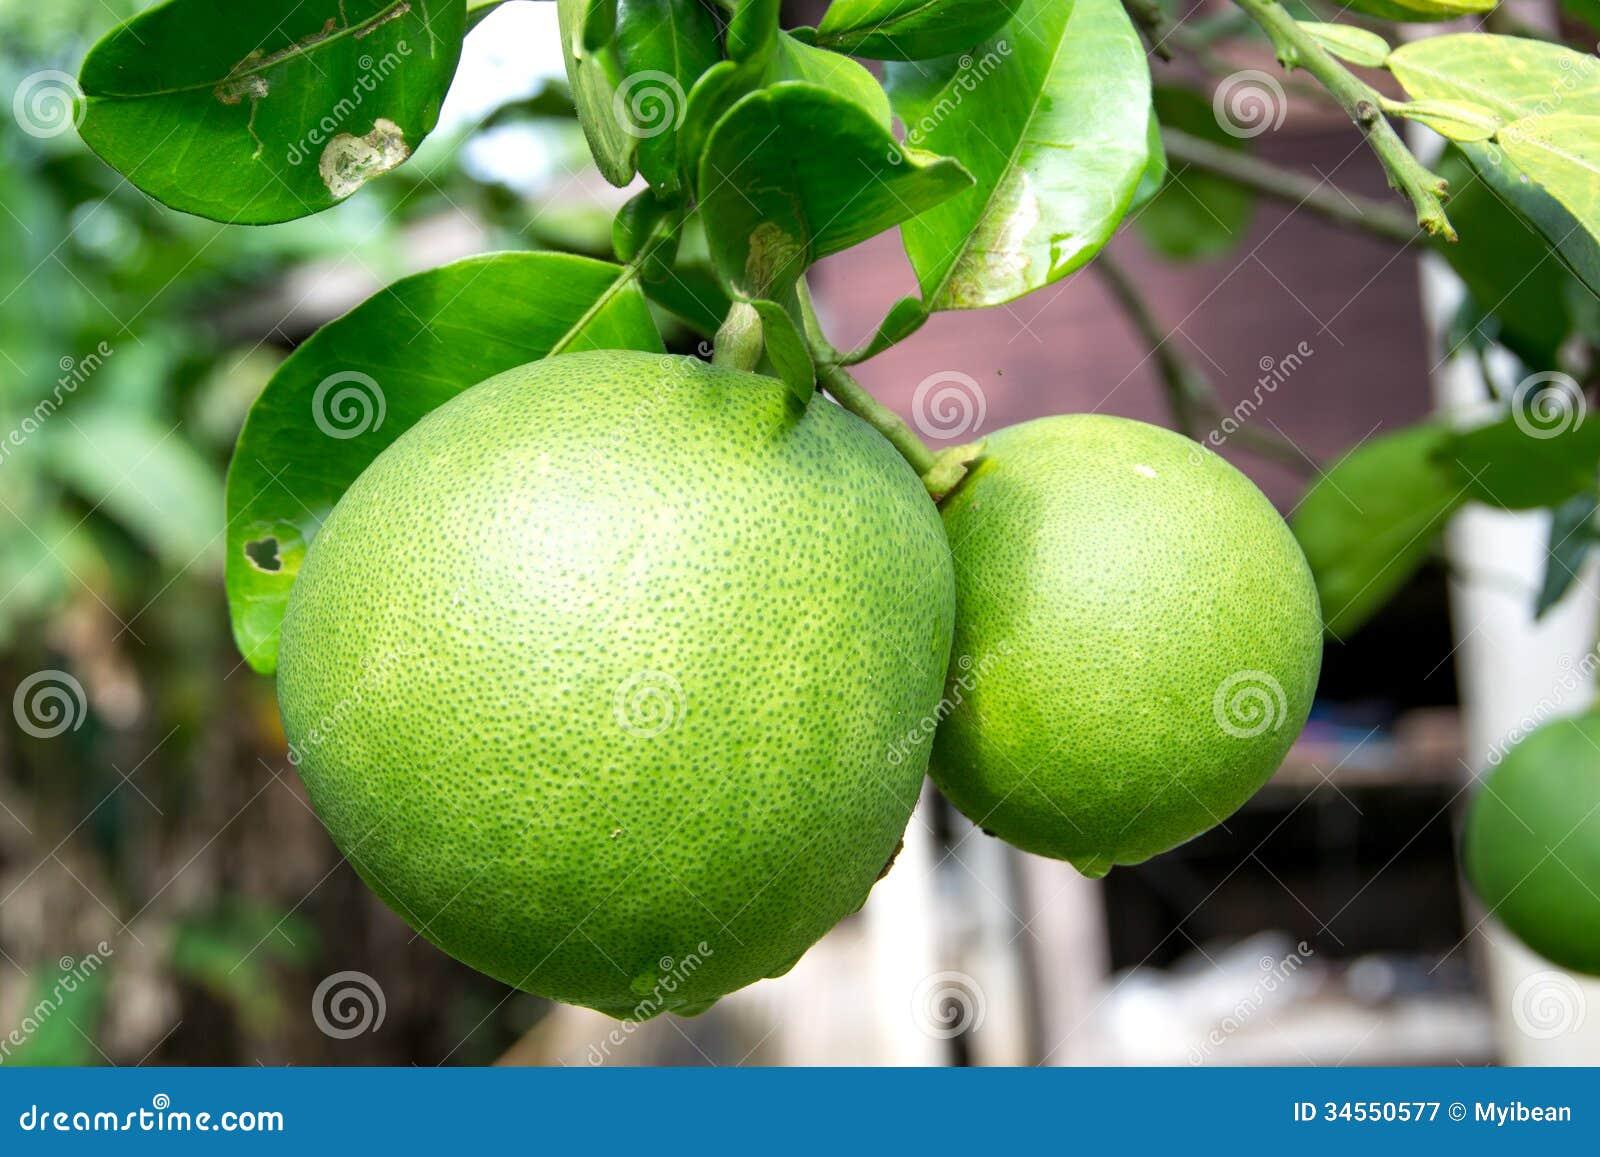 Pomelo fruit stock image. Image of freshness, heap, group ...